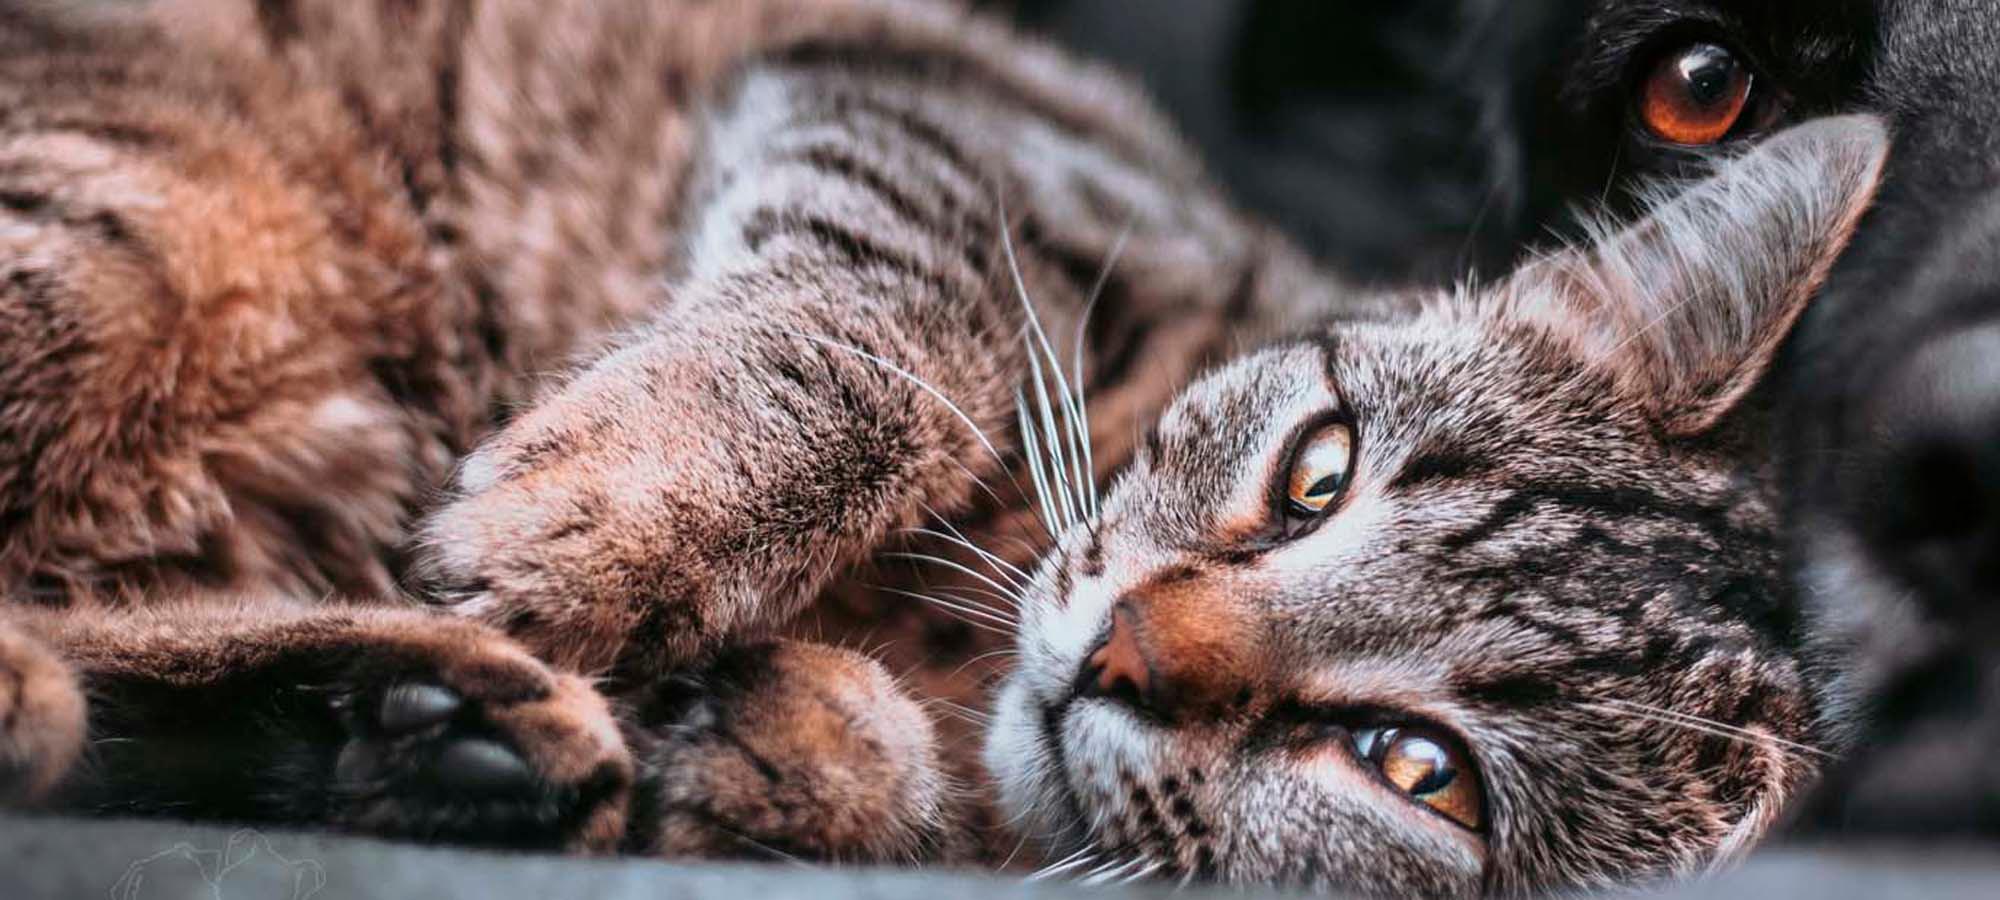 Kastrert katt_artikkel_2000x900.jpg